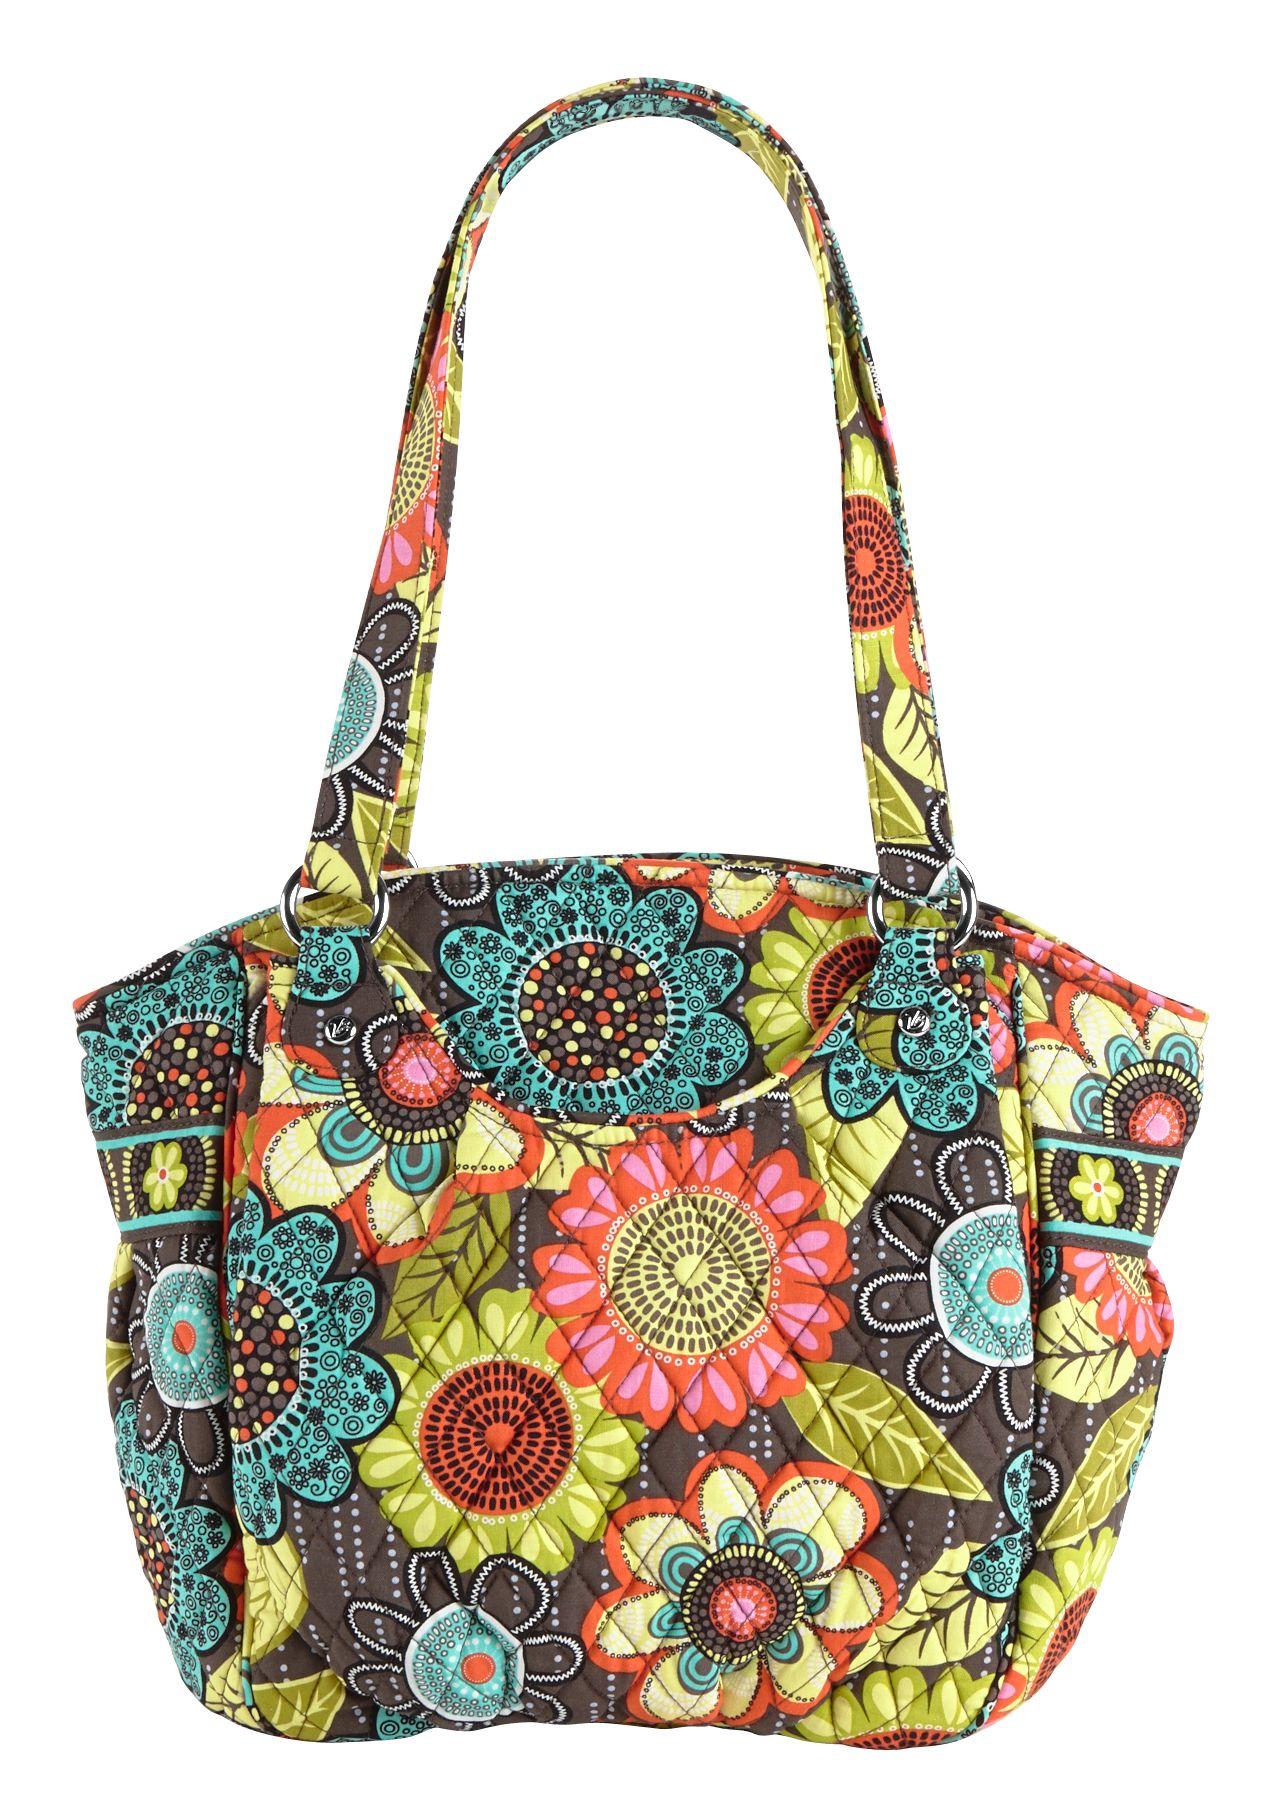 Vera Bradley Glenna Shoulder Bag in Flower Shower